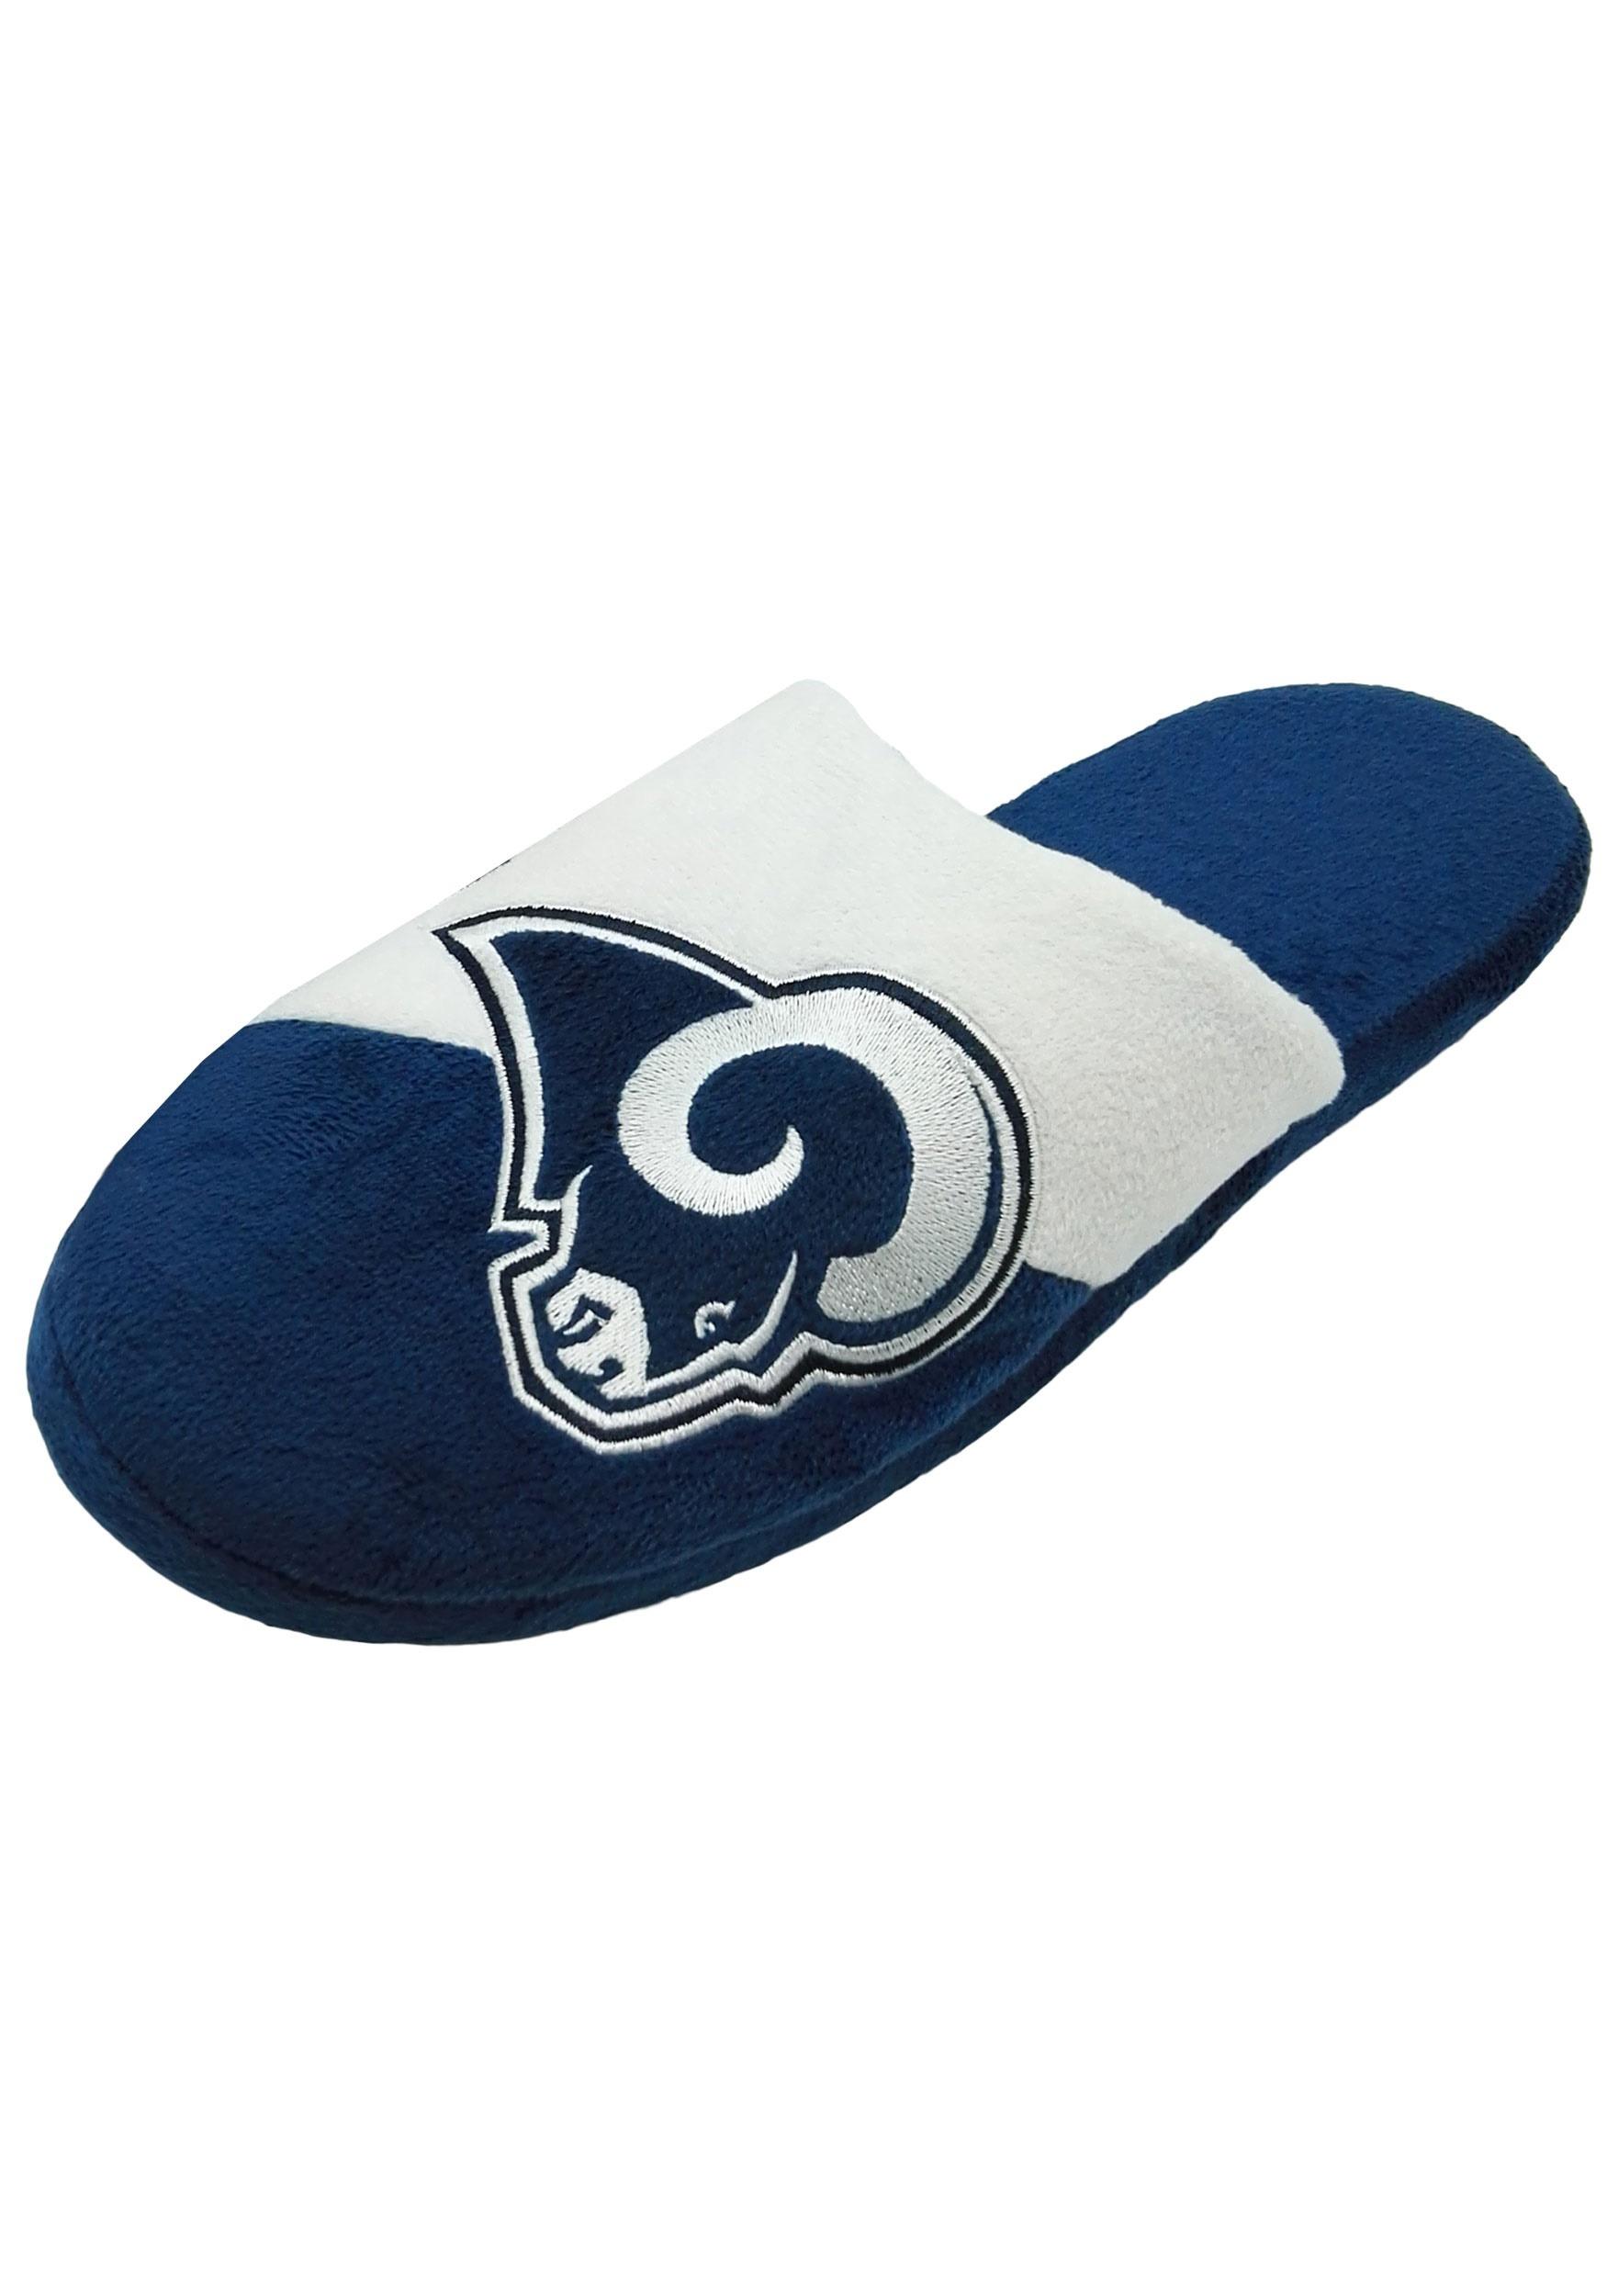 Los Angeles Rams Colorblock Slide Slippers